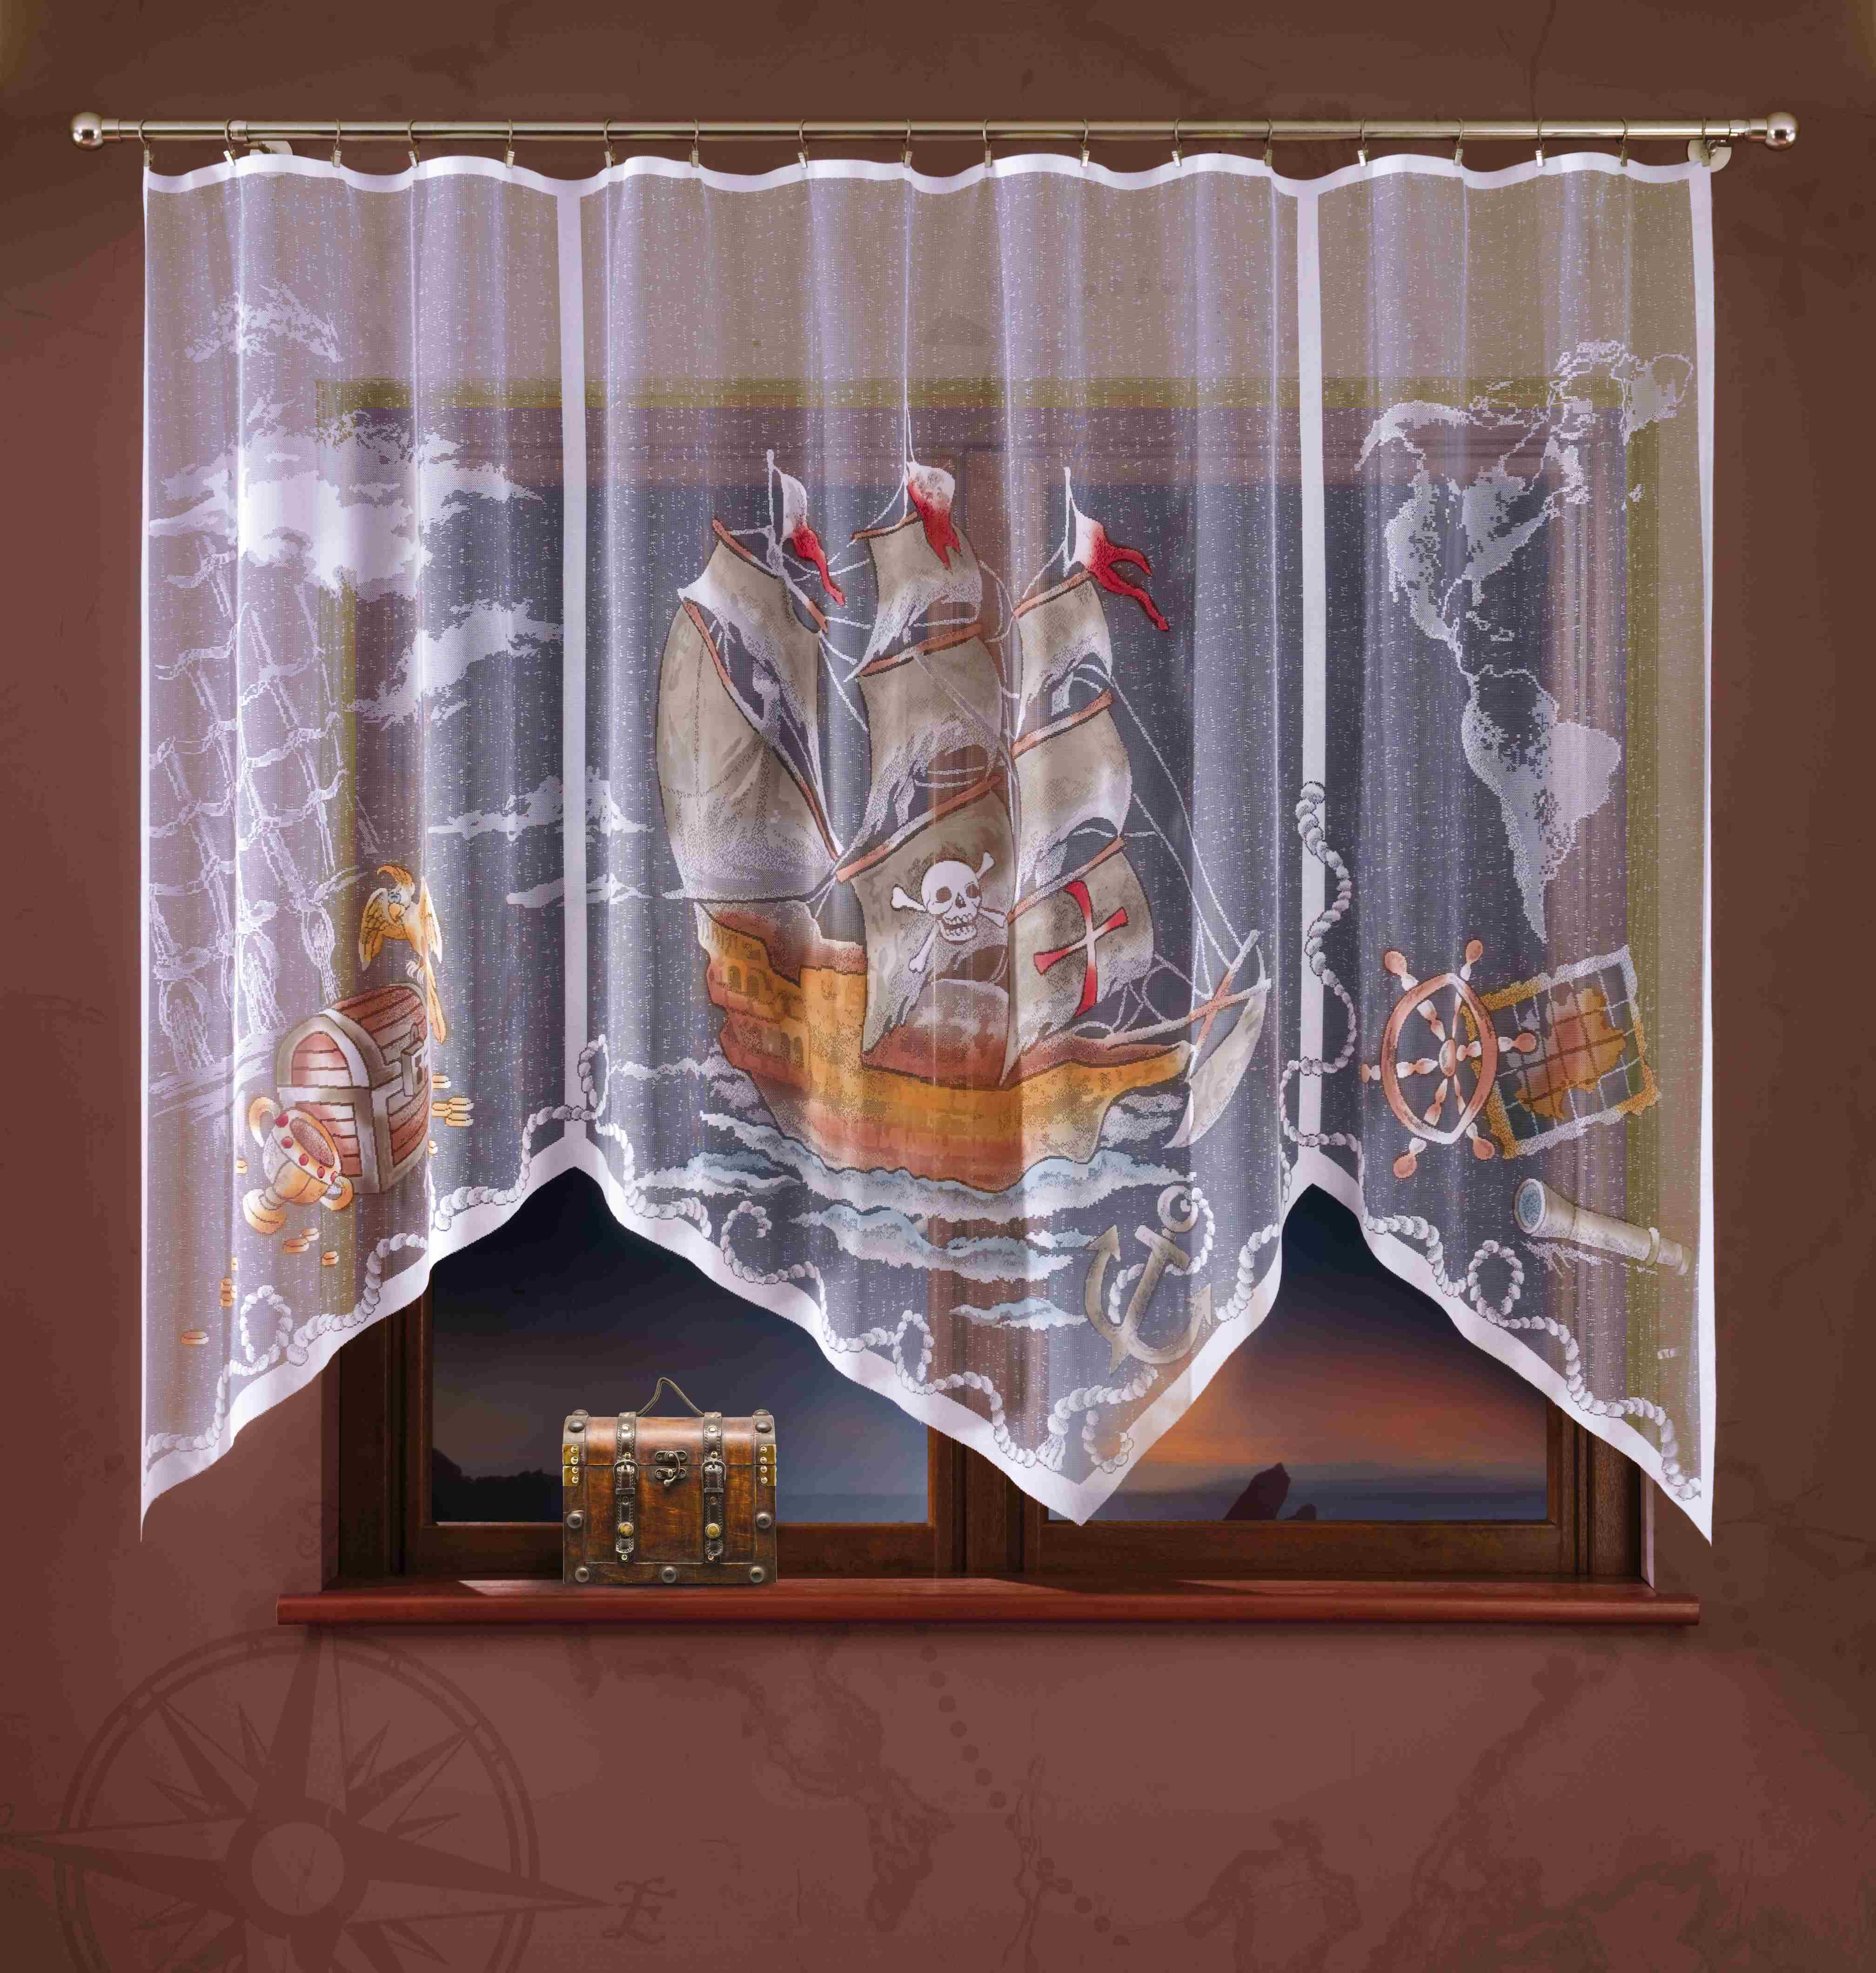 Гардина Wisan, на ленте, цвет: белый, коричневый, высота 180 см. 722АW040Гардина Wisan, выполненная из легкого полупрозрачного полиэстера, станет великолепным украшением окна детской комнаты. Изделие имеет ассиметричную длину и красочный рисунок в виде пиратского парусника. Качественный материал и оригинальный дизайн привлекут к себе внимание и позволят гардине органично вписаться в интерьер помещения. Гардина оснащена шторной лентой под зажимы для крепления на карниз.